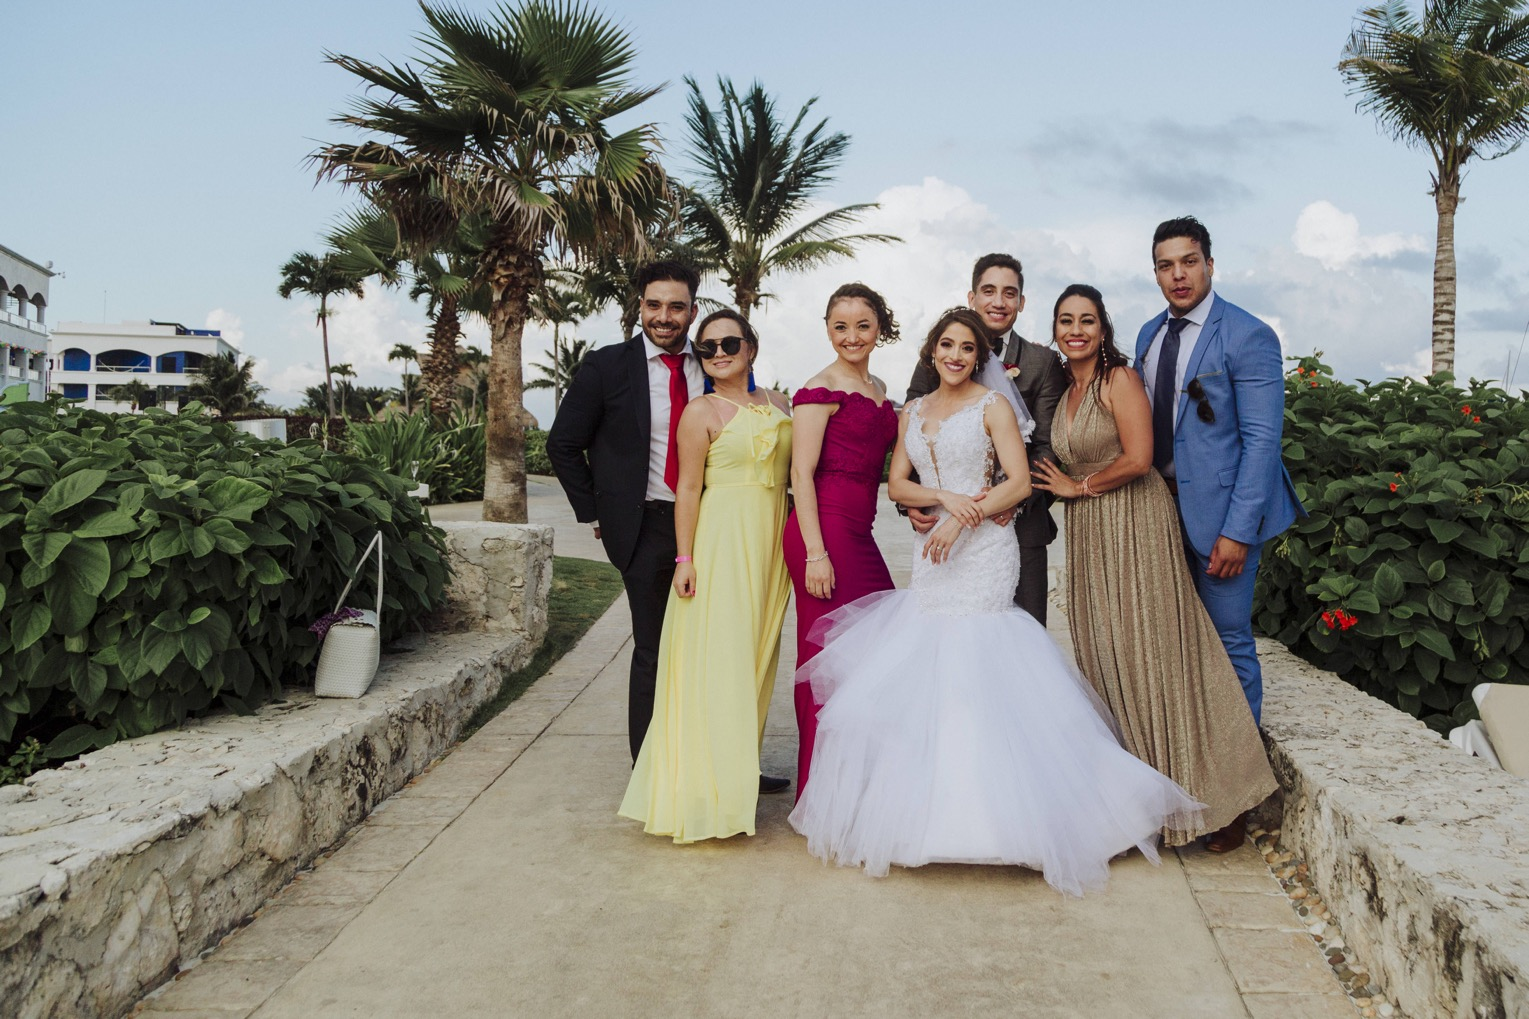 fotografo_bodas_profesional_zacatecas_riviera_maya_cancun-263